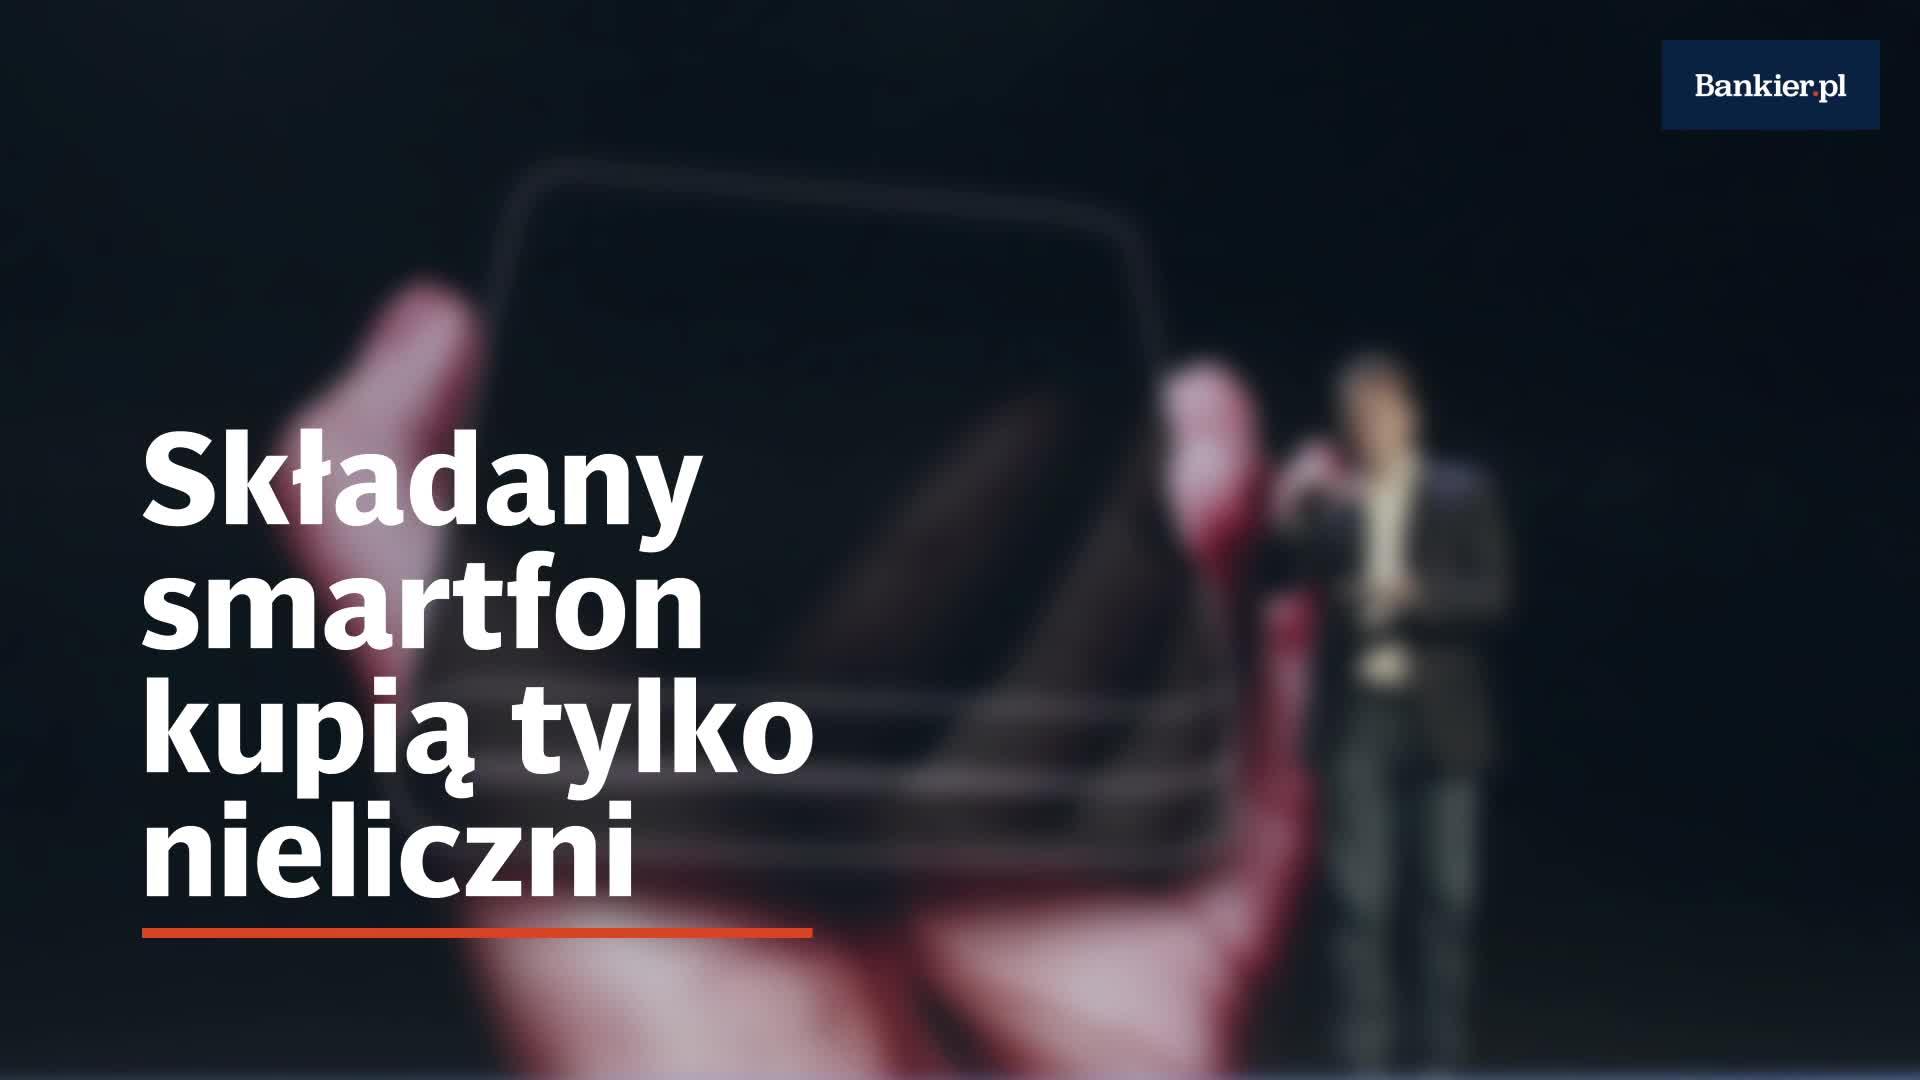 Składany smartfon kupią tylko nieliczni